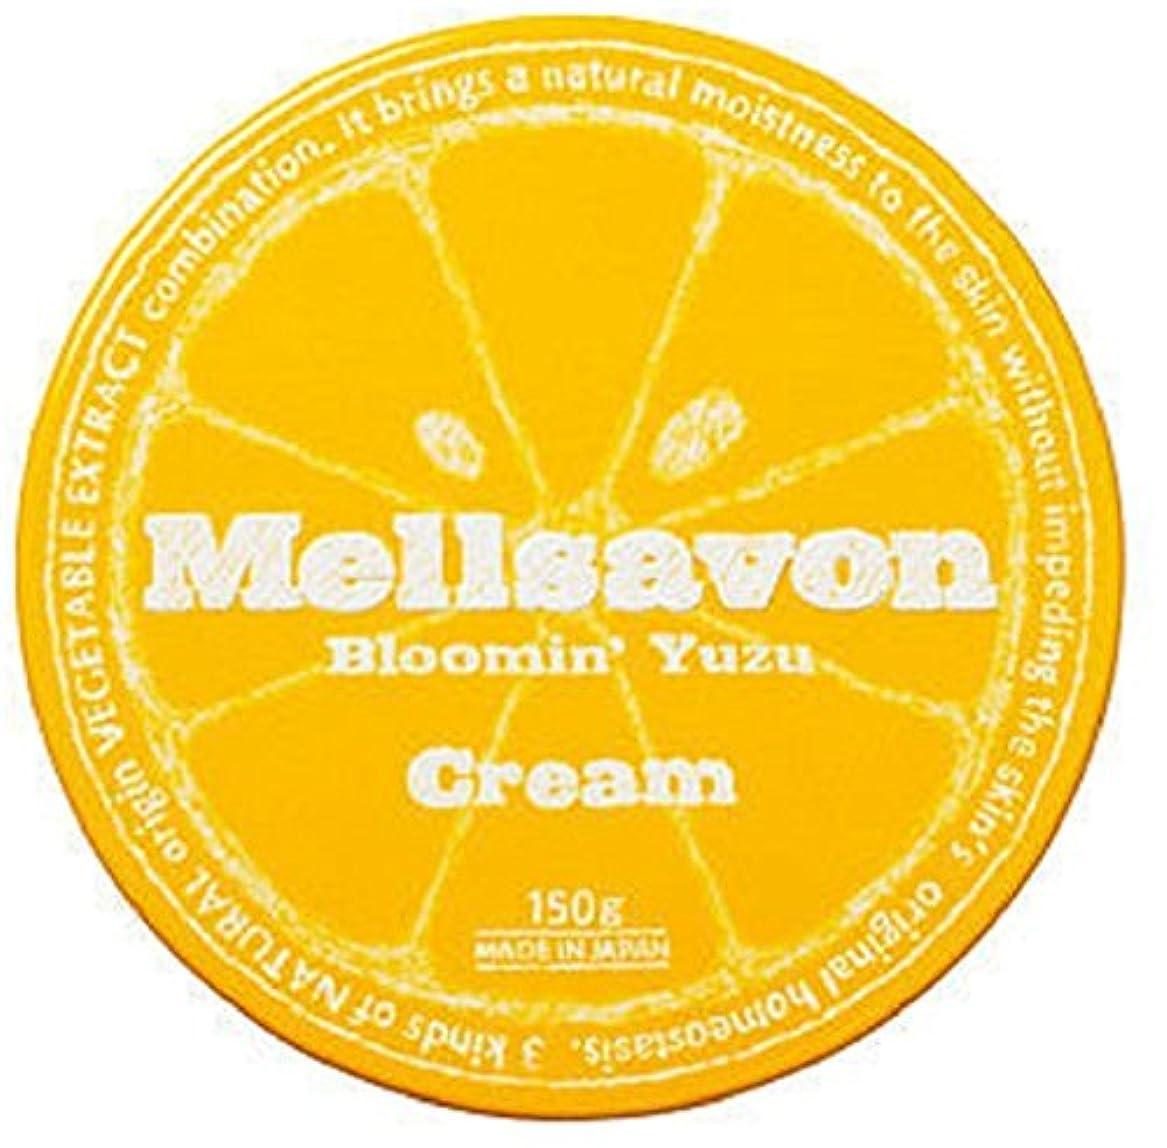 調和のとれたプログラム二次限定ユズの香り メルサボン スキンケアクリーム 大缶 150g ブルーミングユズ